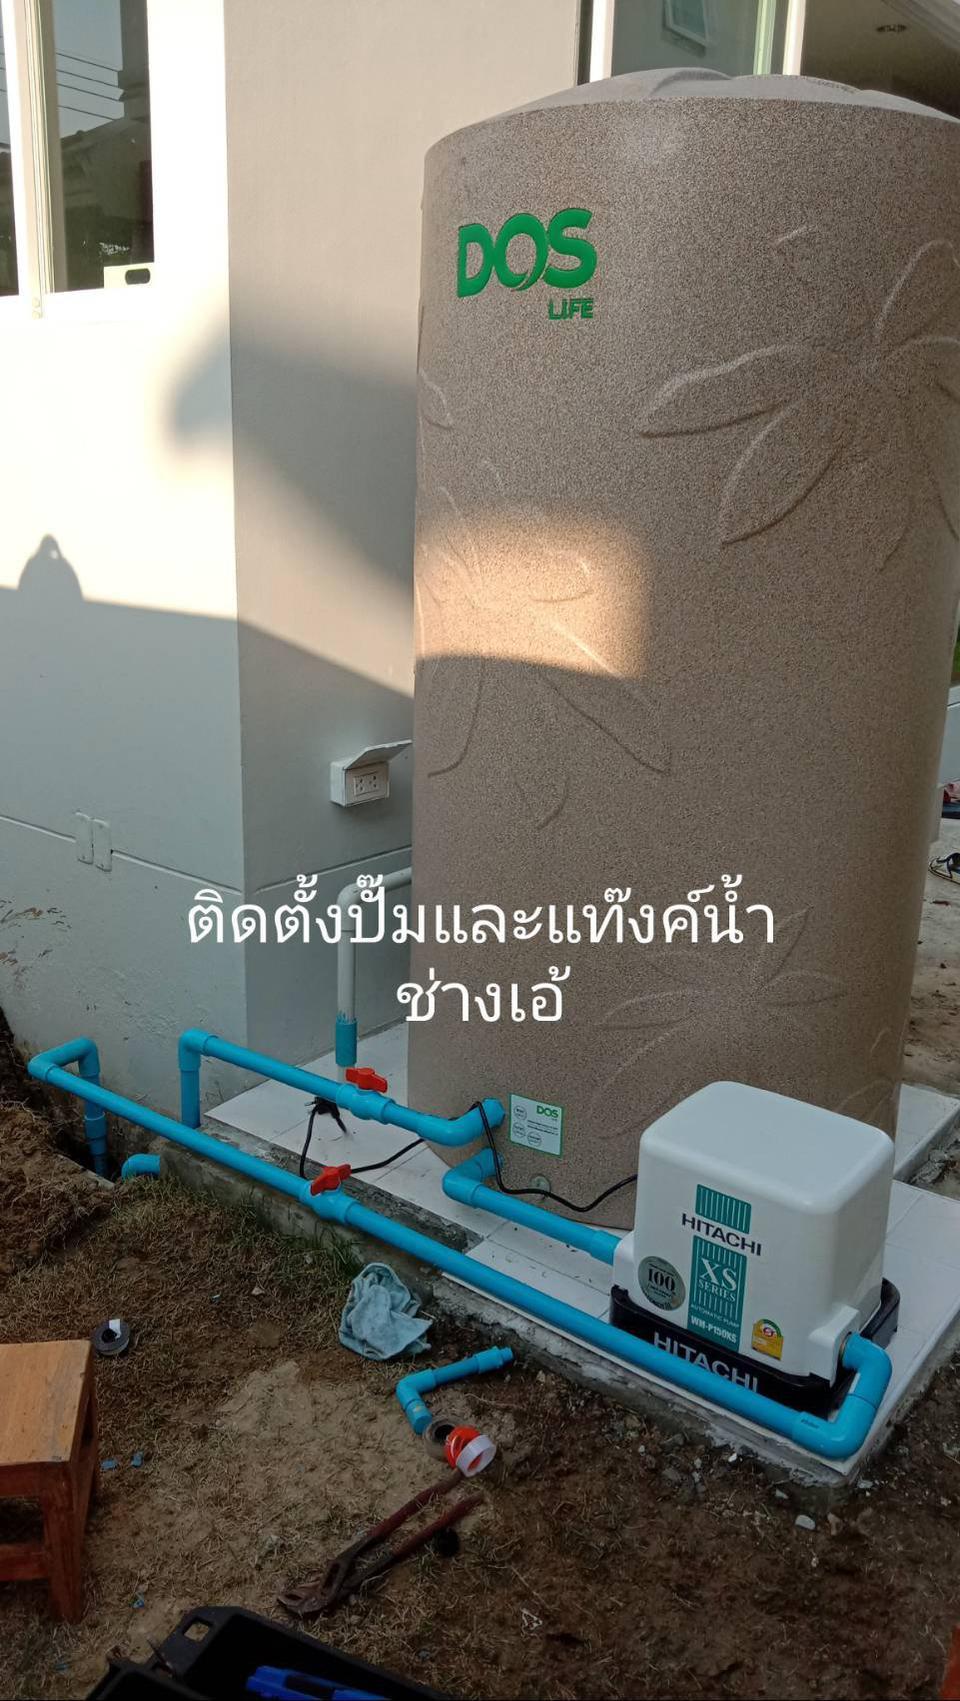 ช่างประปาไฟฟ้านนทบุรี ไทรน้อย ศาลายา ปากเกร็ด รูปที่ 1